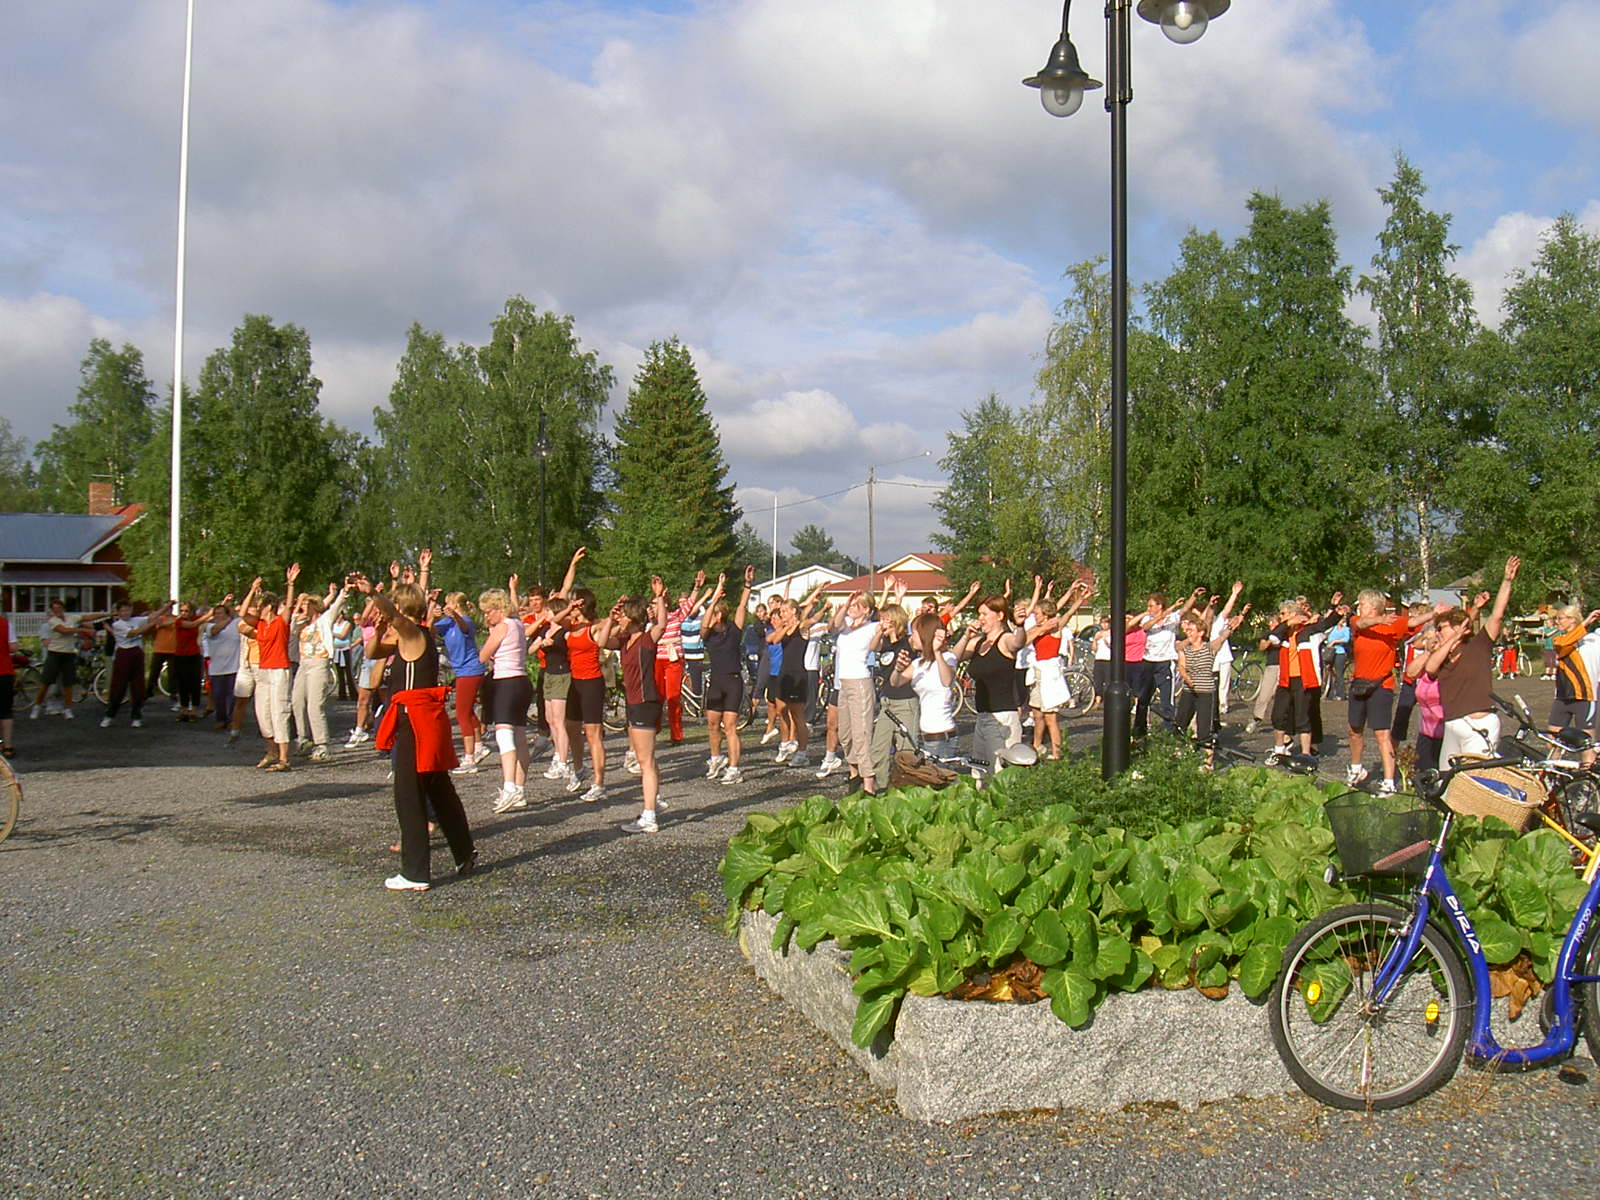 Före Majbolänken startas skall det värmas upp på gårdsplanen, foto från 2005.